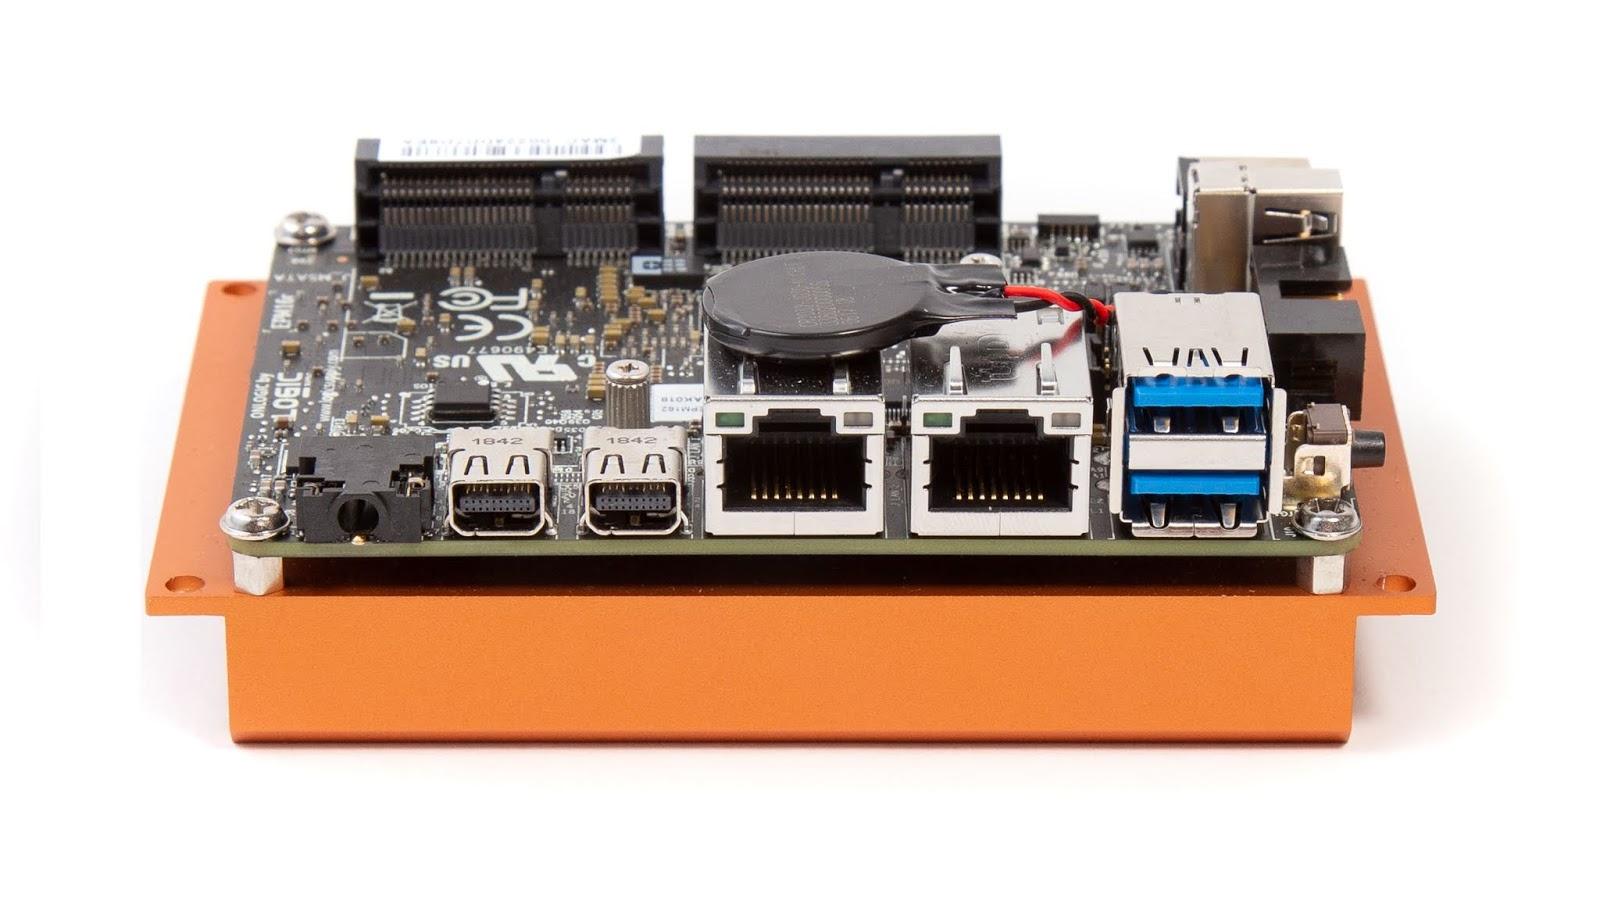 Formát Pico-ITX žije: Logic Supply má pasivní desky s Apollo